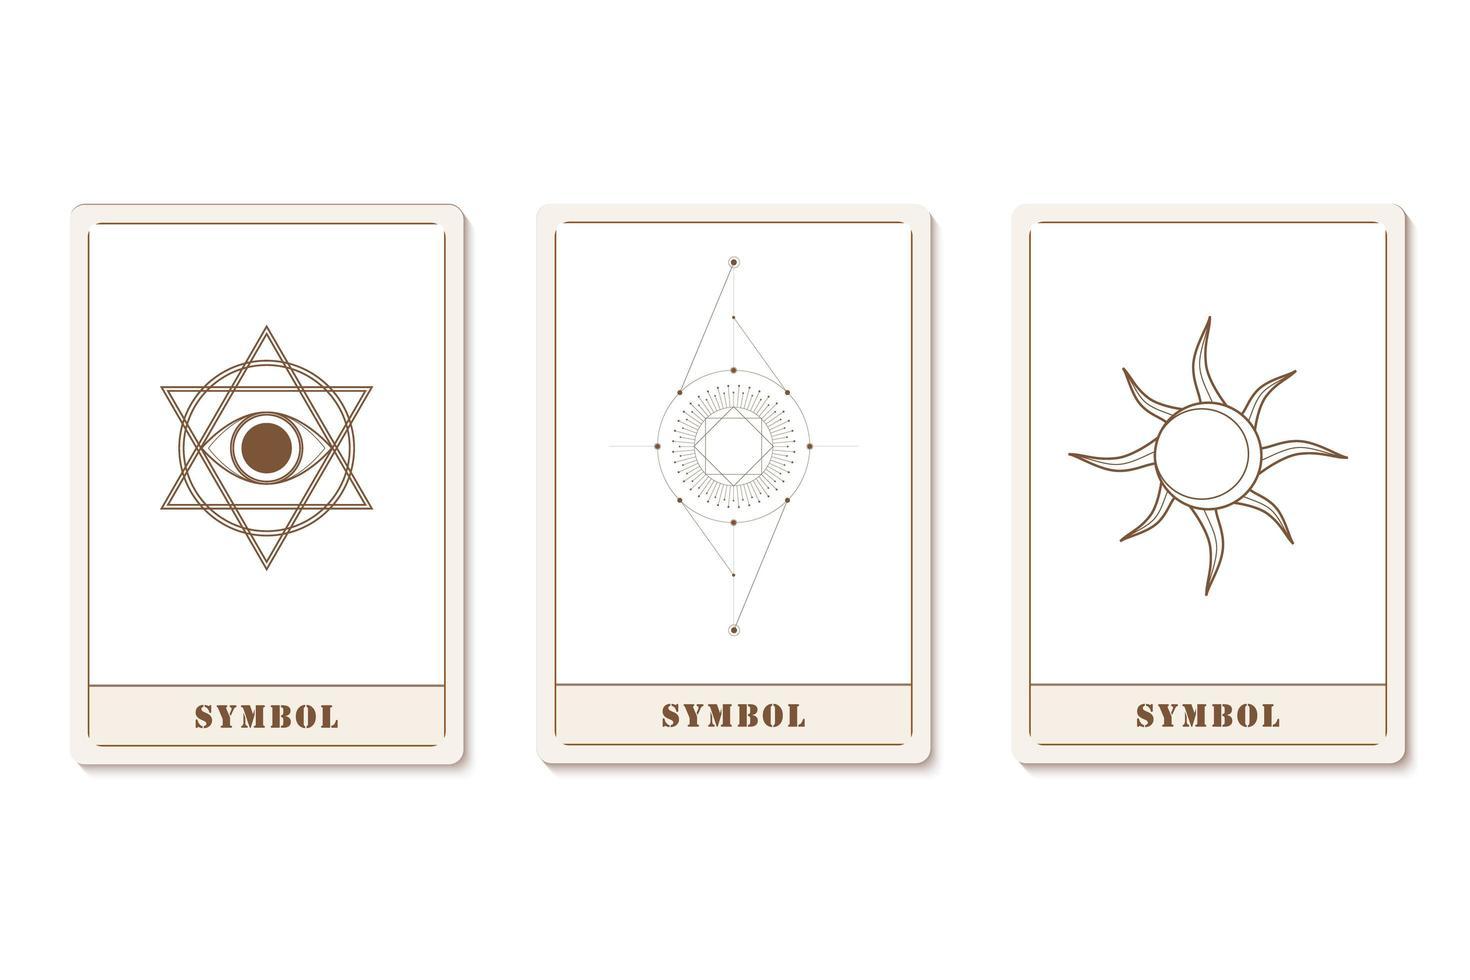 conjunto de tarjetas de moda de astrología con iconos geométricos vector